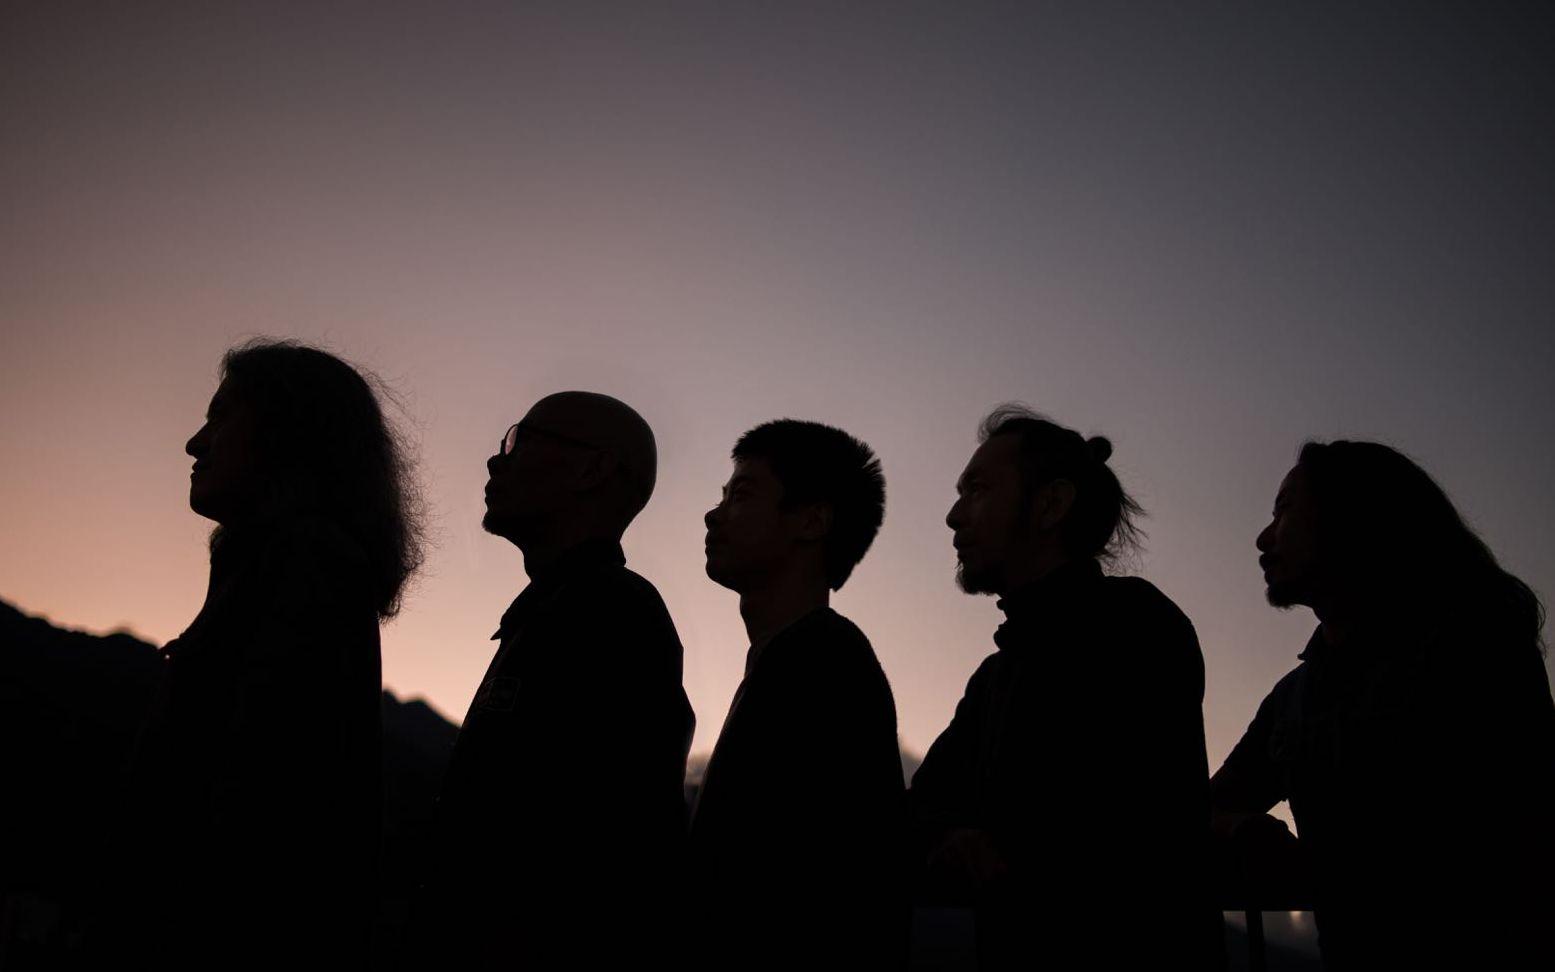 野孩子,那些固执唱歌的中年人 新京报x乐队的夏天